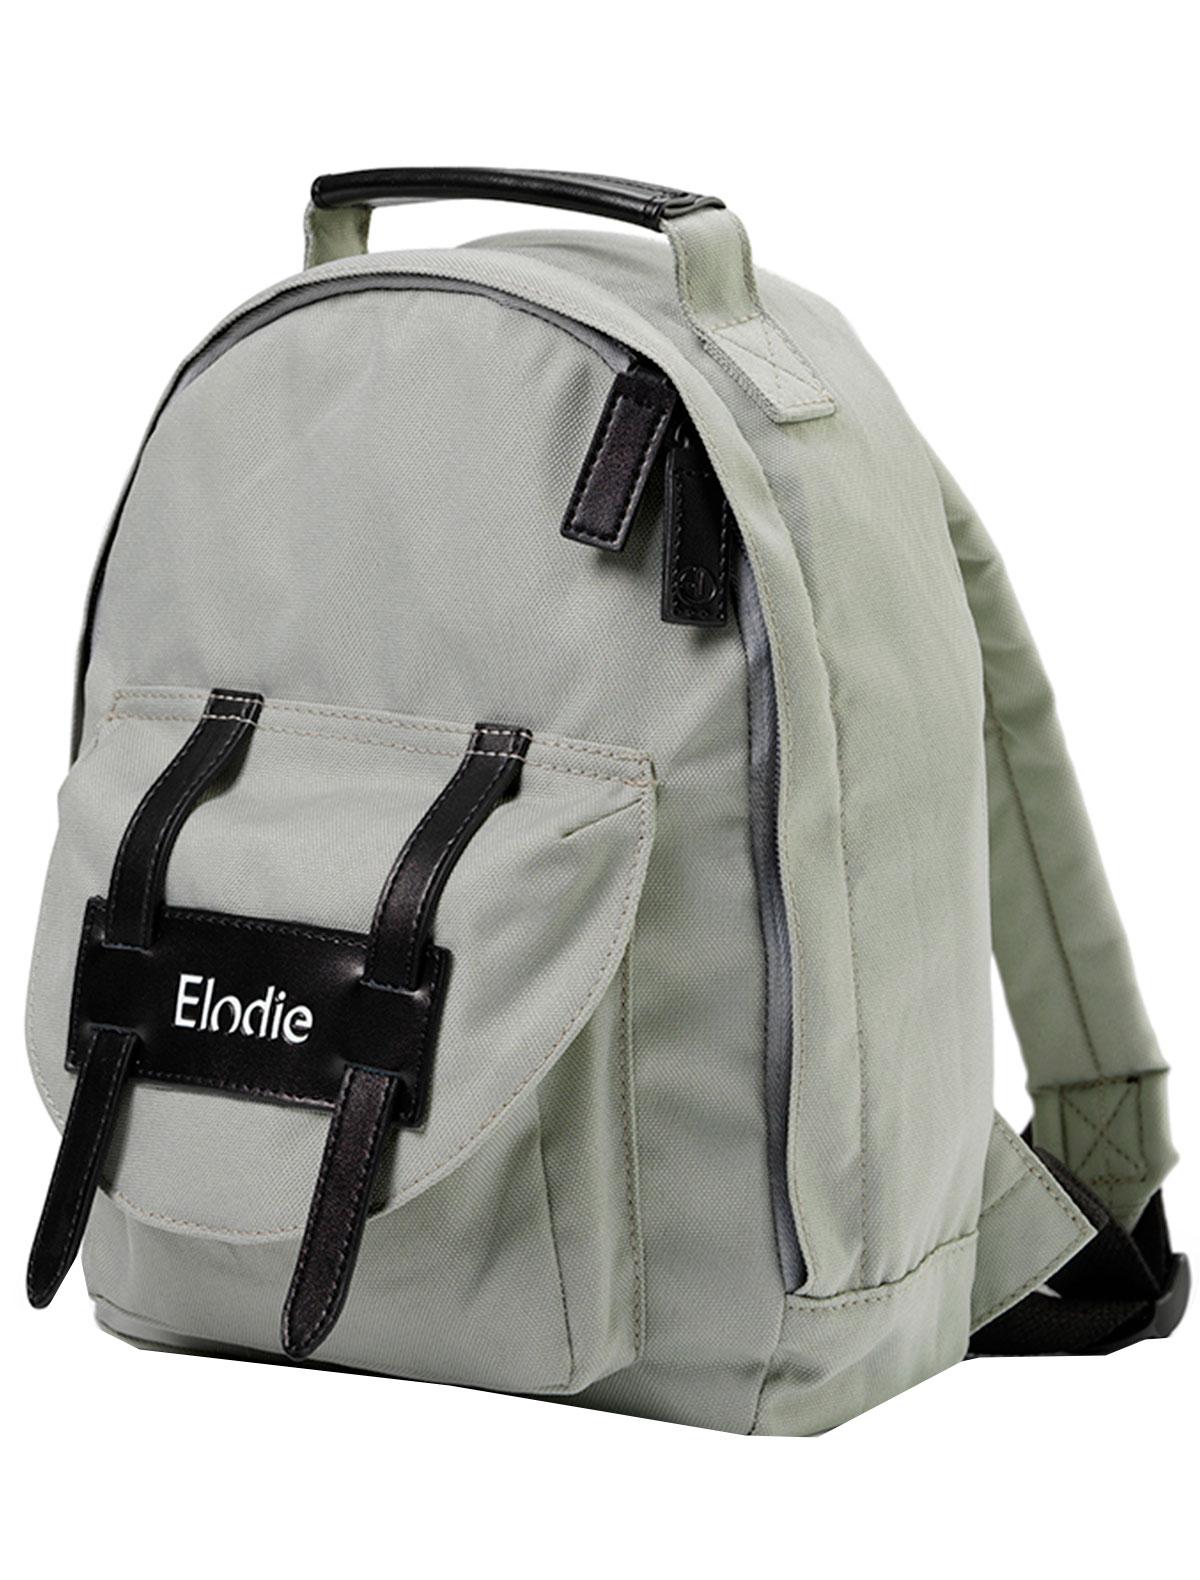 Купить 2216149, Рюкзак Elodie, серый, 1504528070211